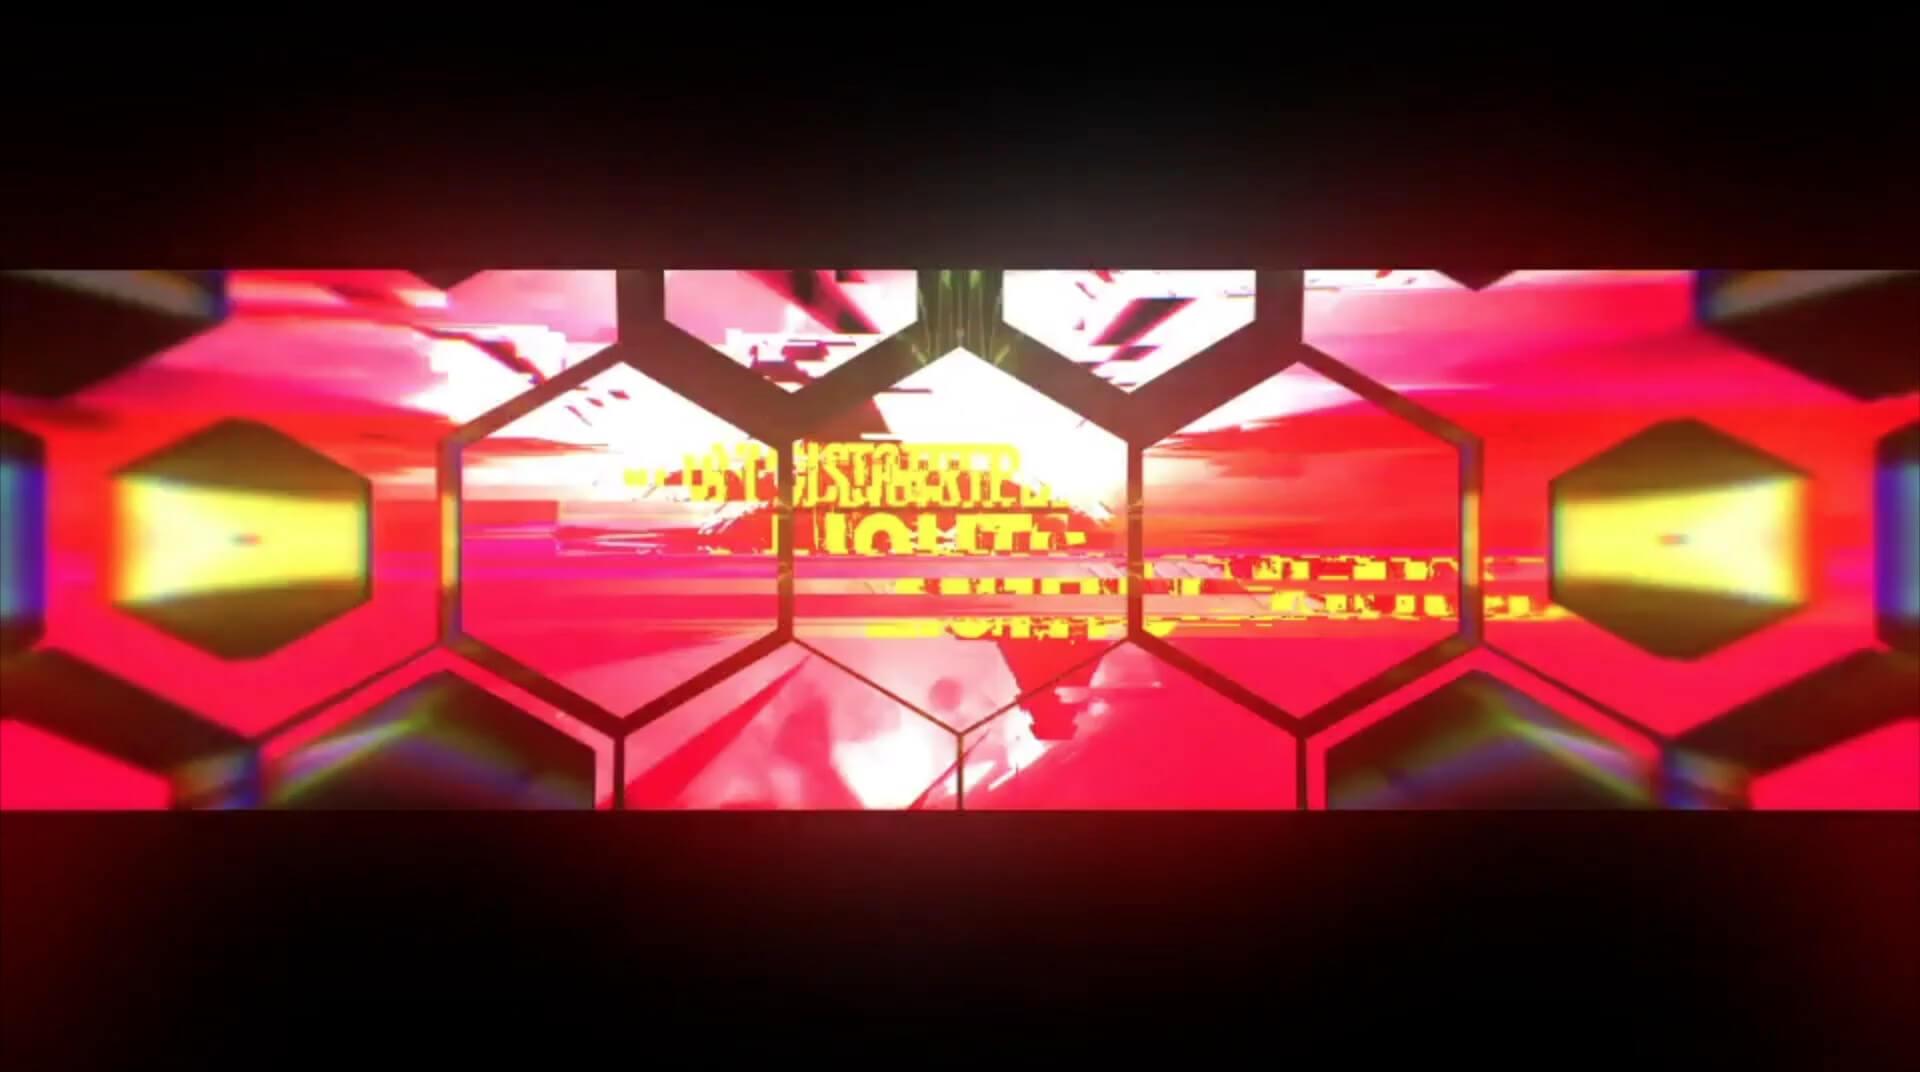 视频素材 52个炫酷动感干扰故障效果光效VJ俱乐部大屏幕背景素材